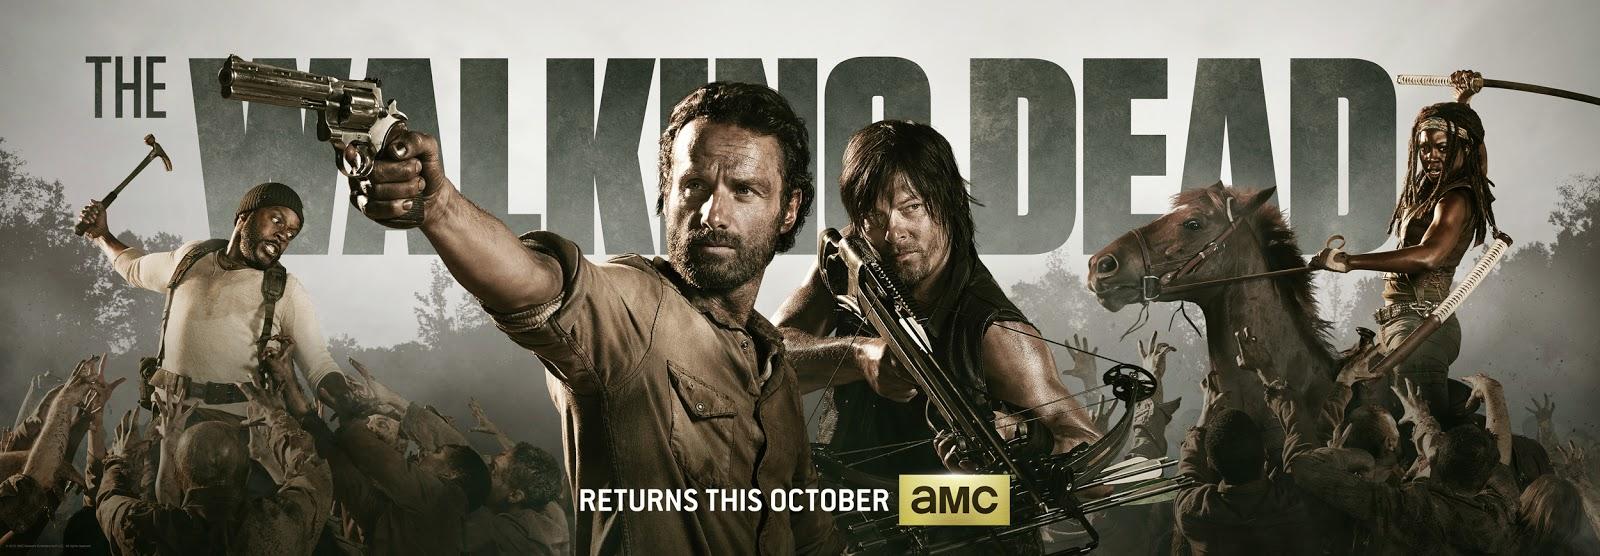 the walking dead season 4 poster comic con - The Walking Dead ( THE DECLINIO v.5)